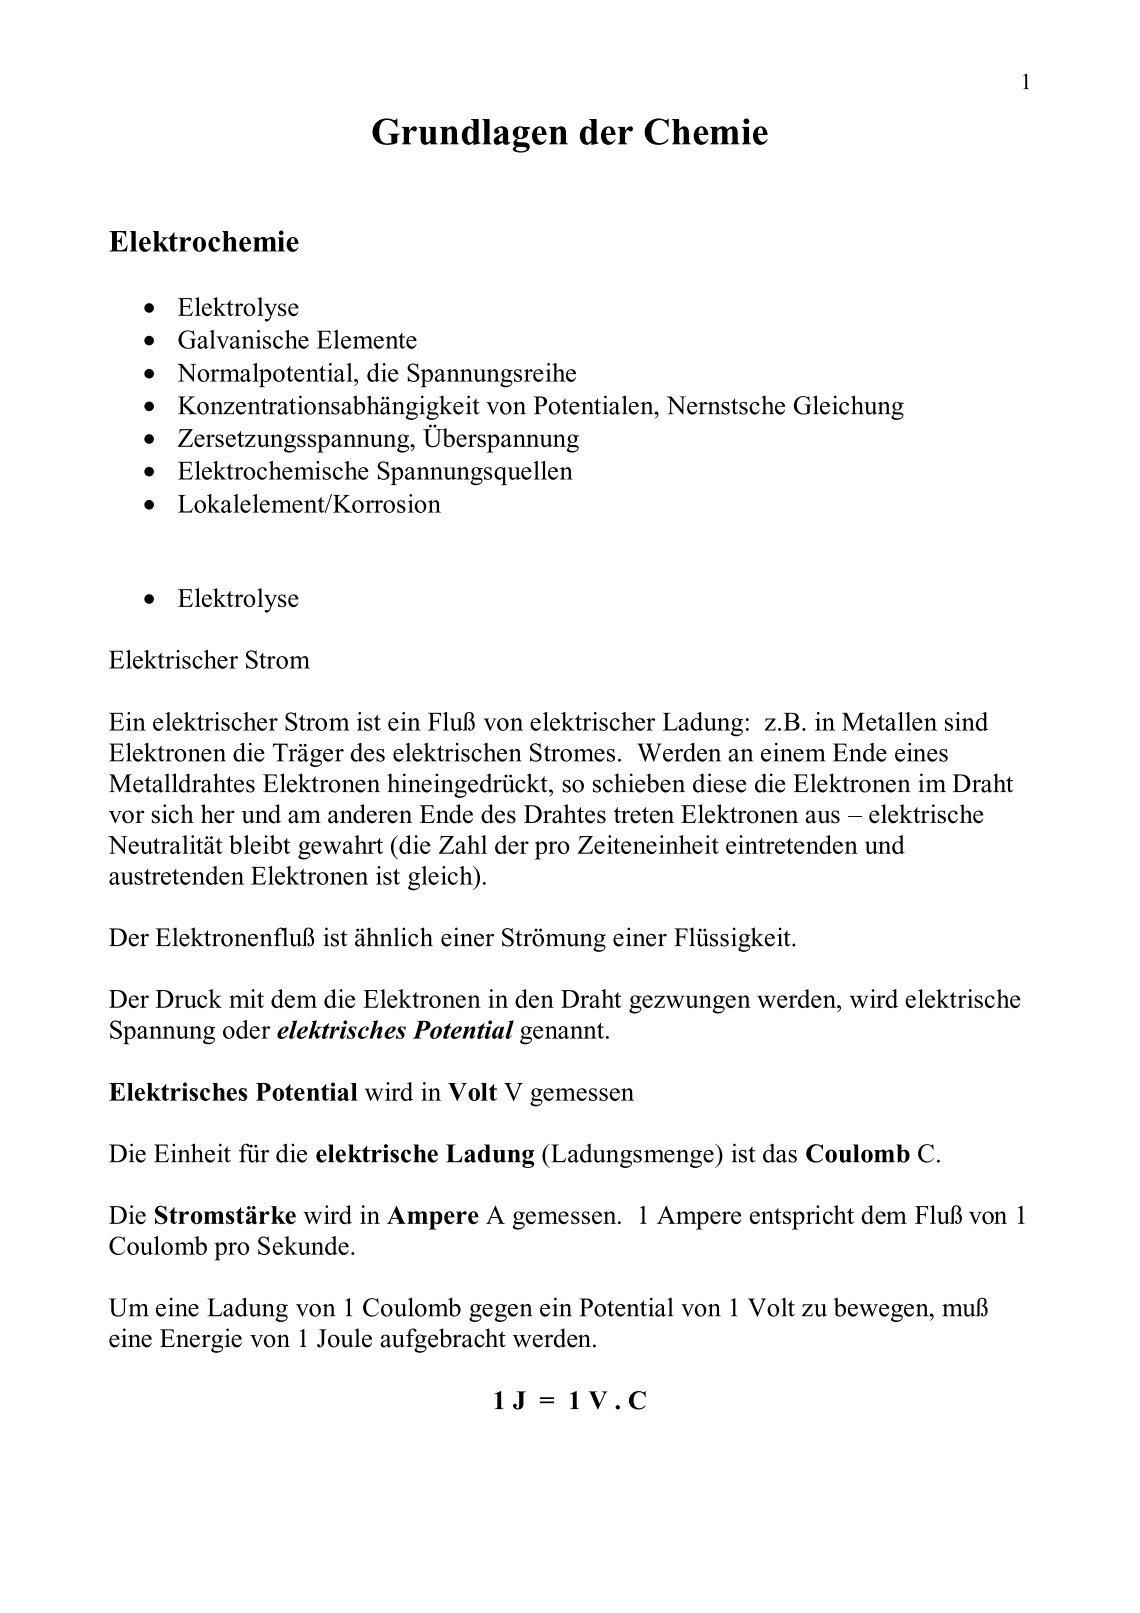 Fantastisch Stromstärke Von Draht Ideen - Elektrische Schaltplan ...